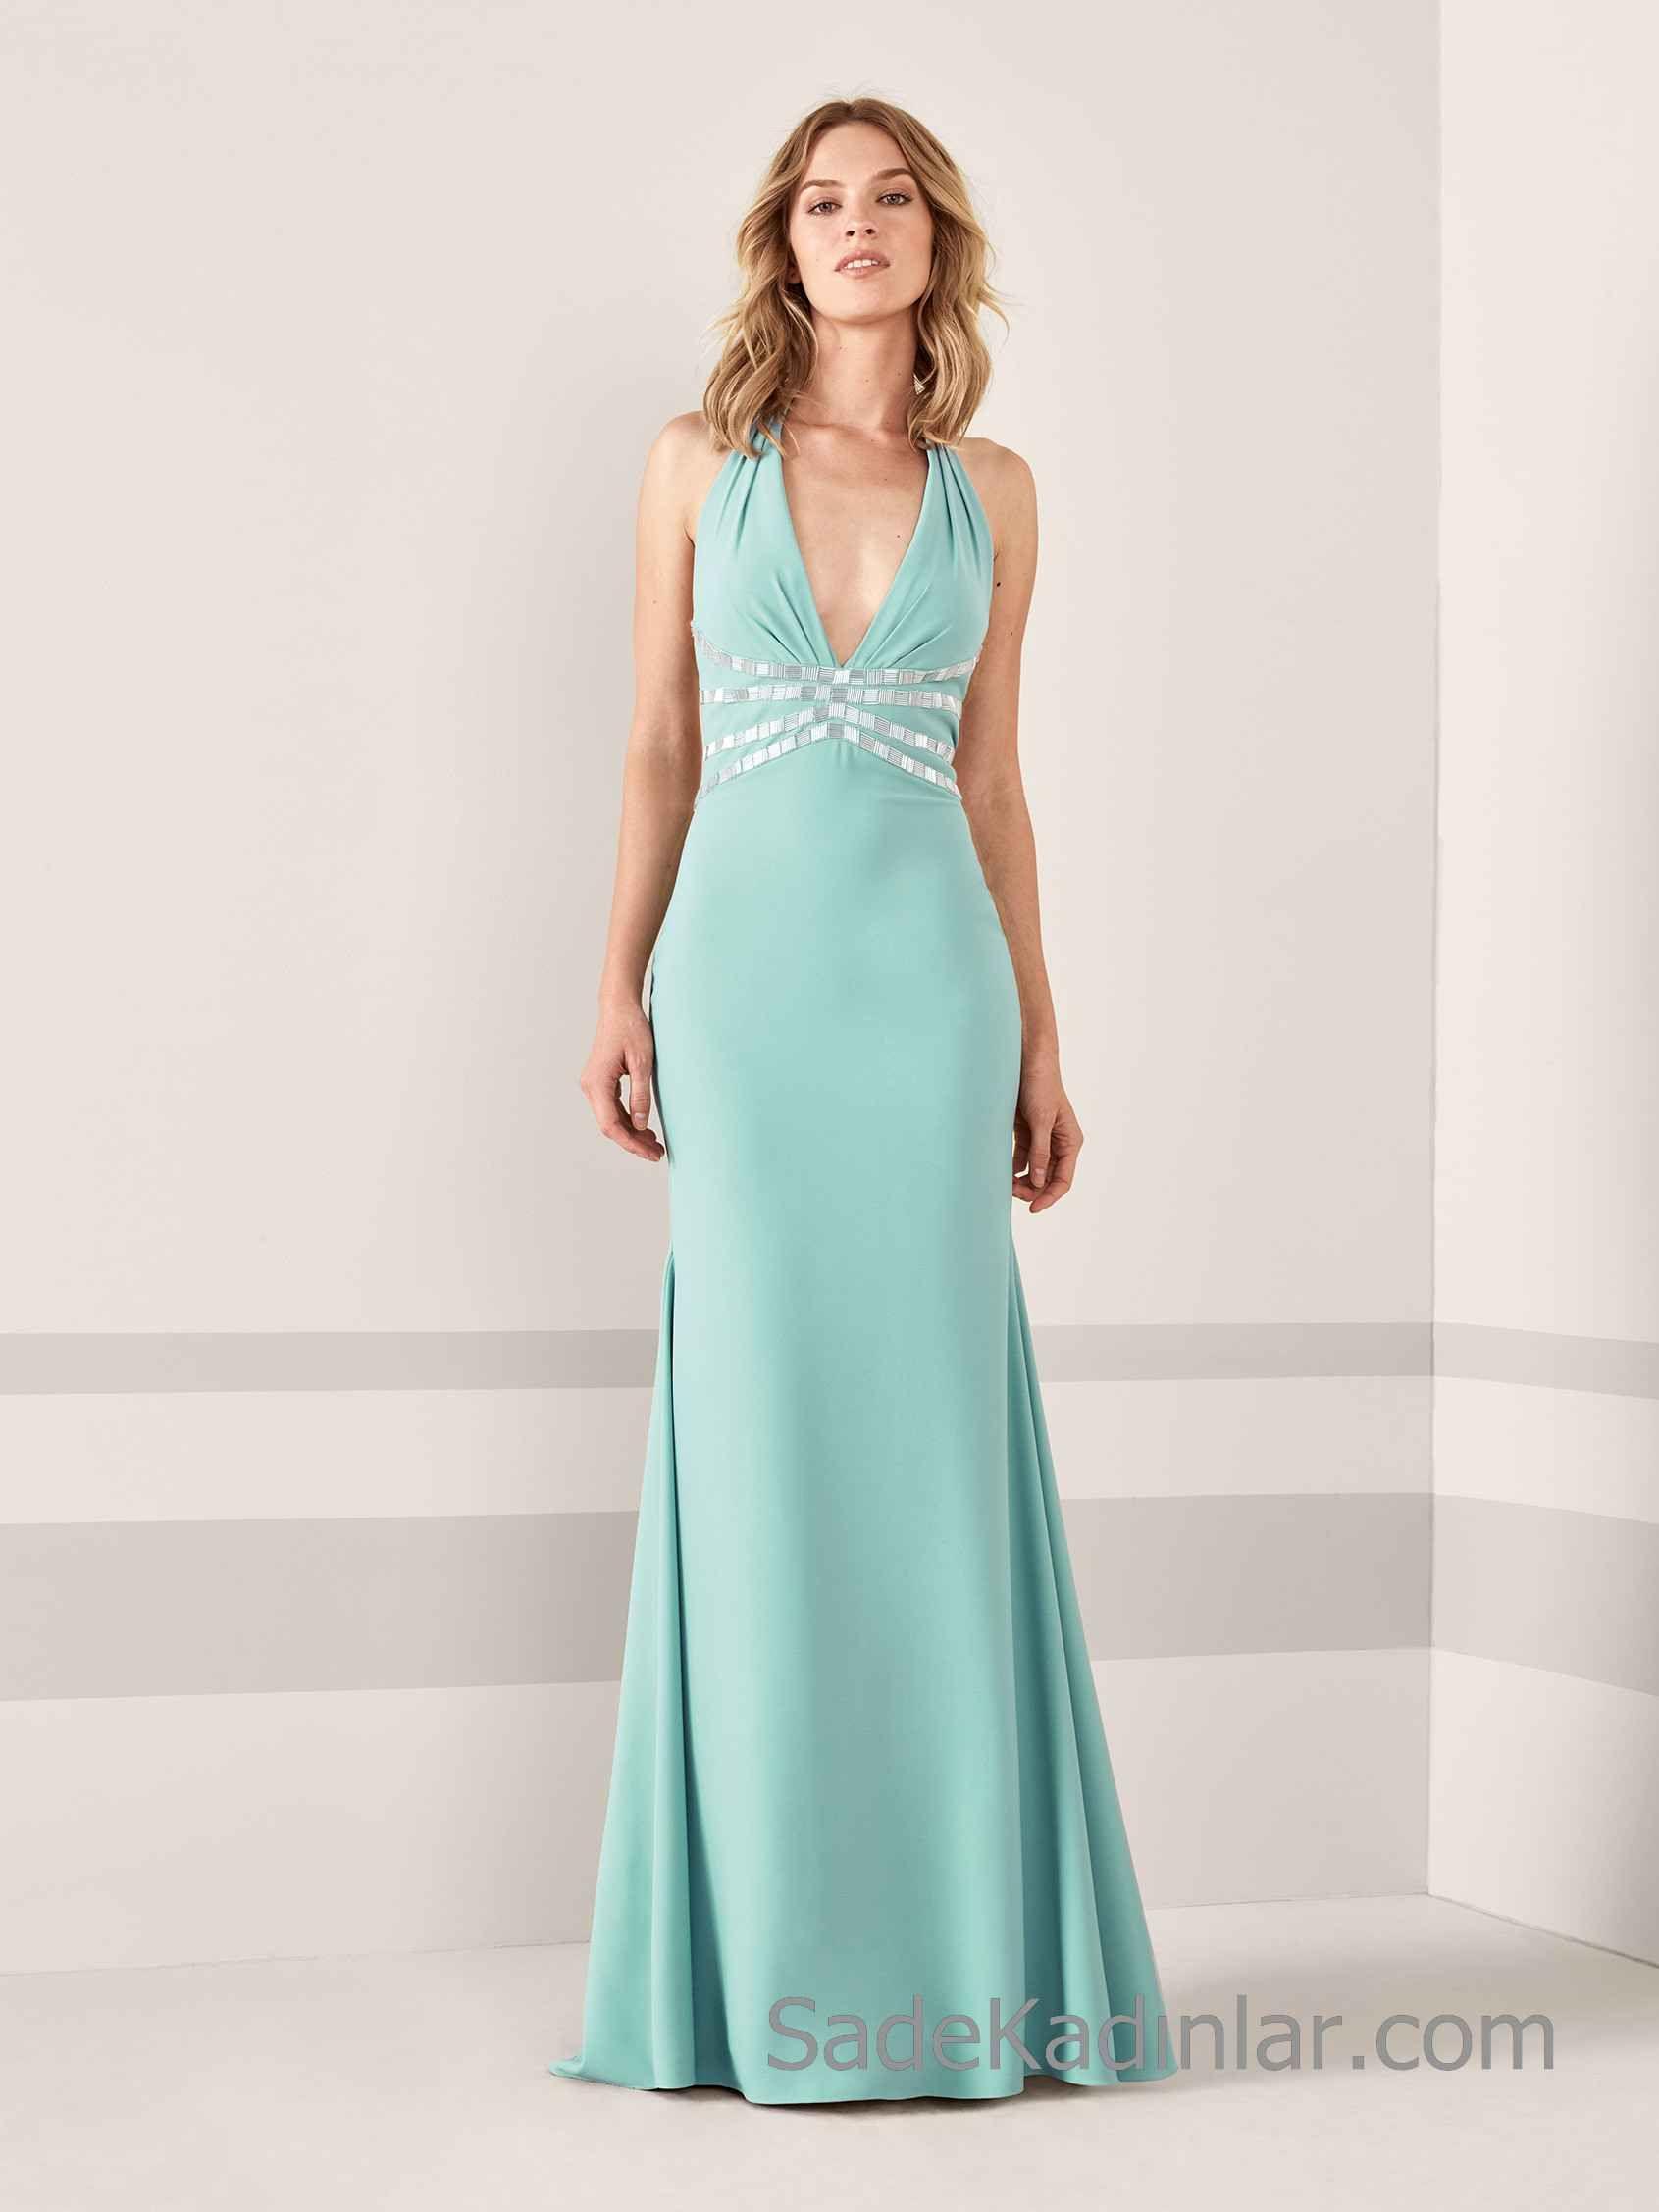 d540be2f7ba2c Pronovias 2019 Abiye Elbise Modelleri Su Yeşili Uzun Kalın Askılı V Yakalı  Bel Kısmı Taş İşlemeli